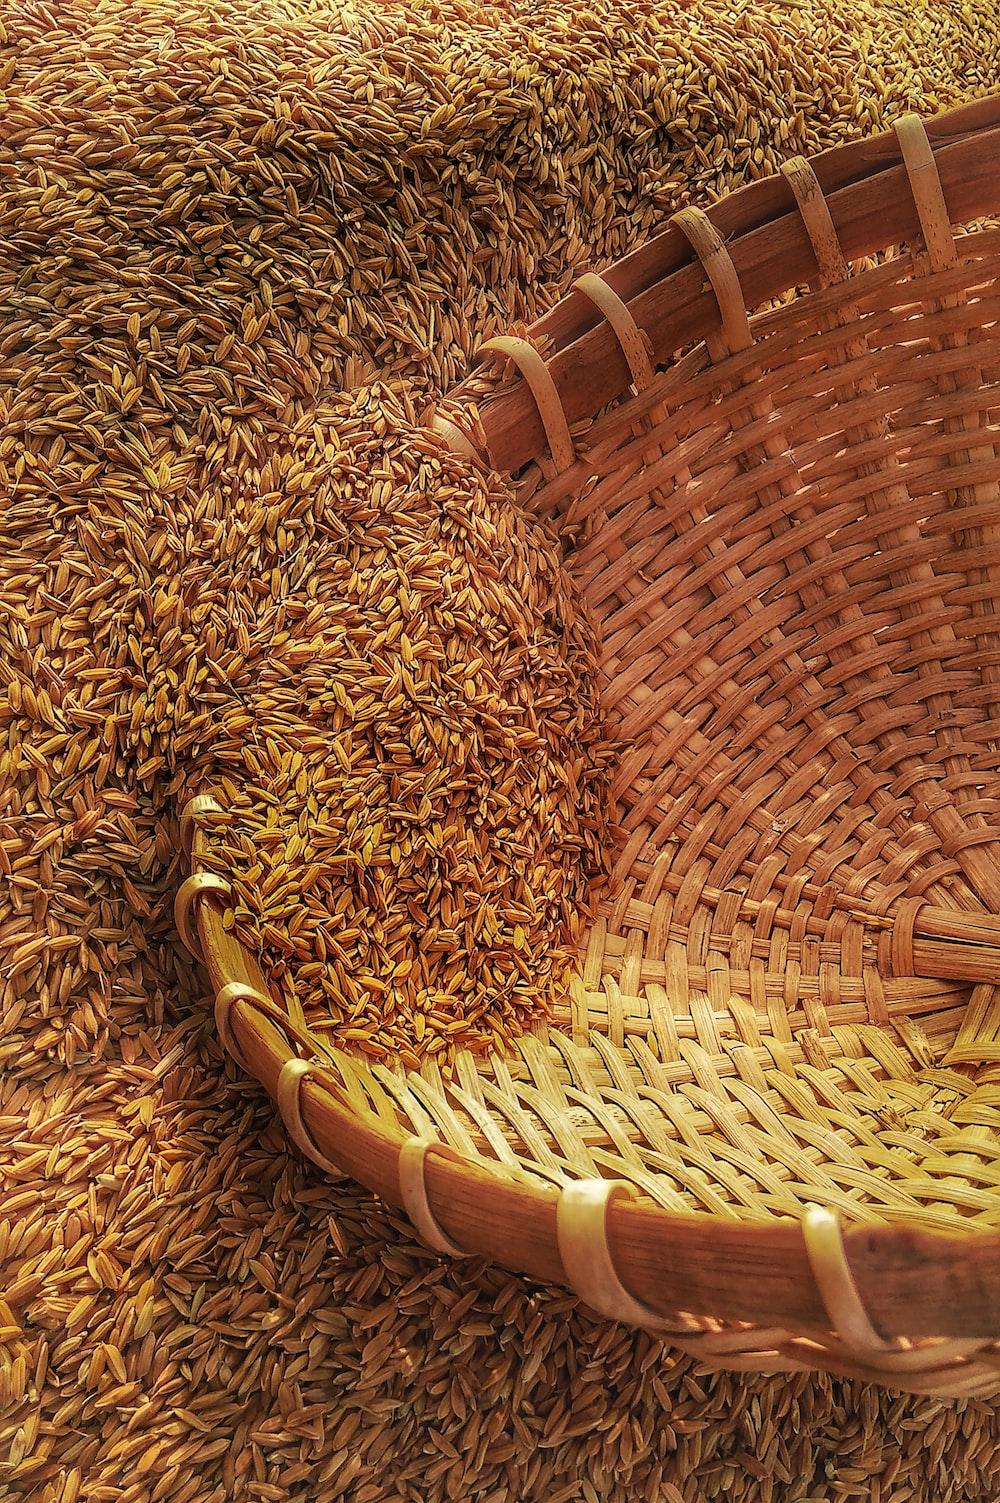 wicker basket on rice grains